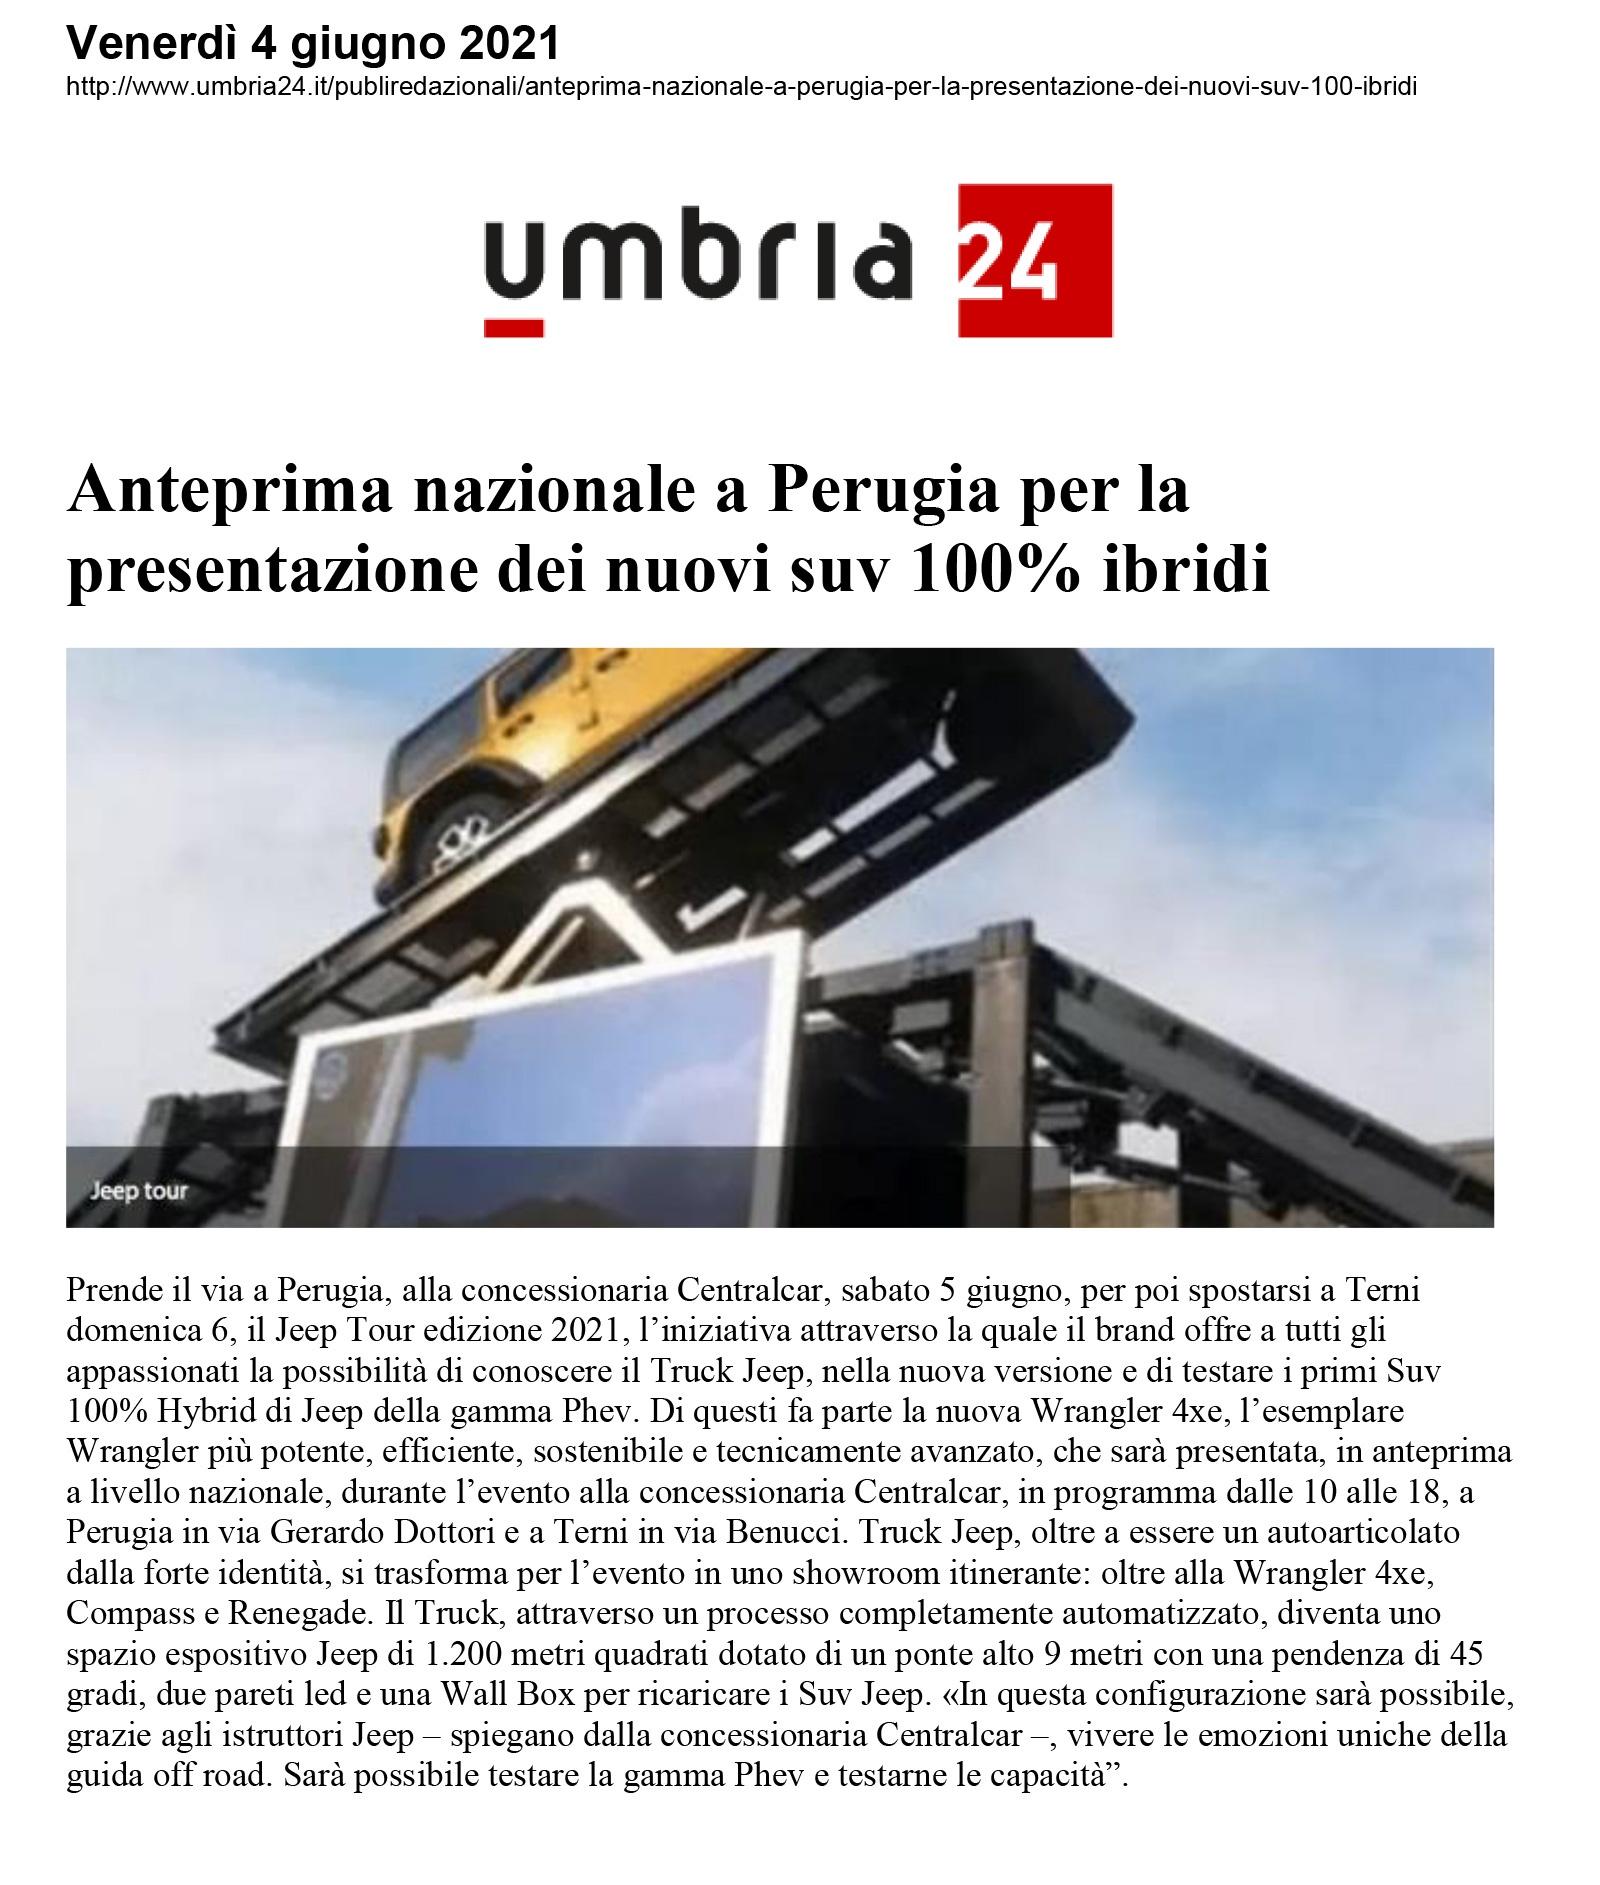 Anteprima nazionale a Perugia per la  presentazione dei nuovi suv 100% ibridi